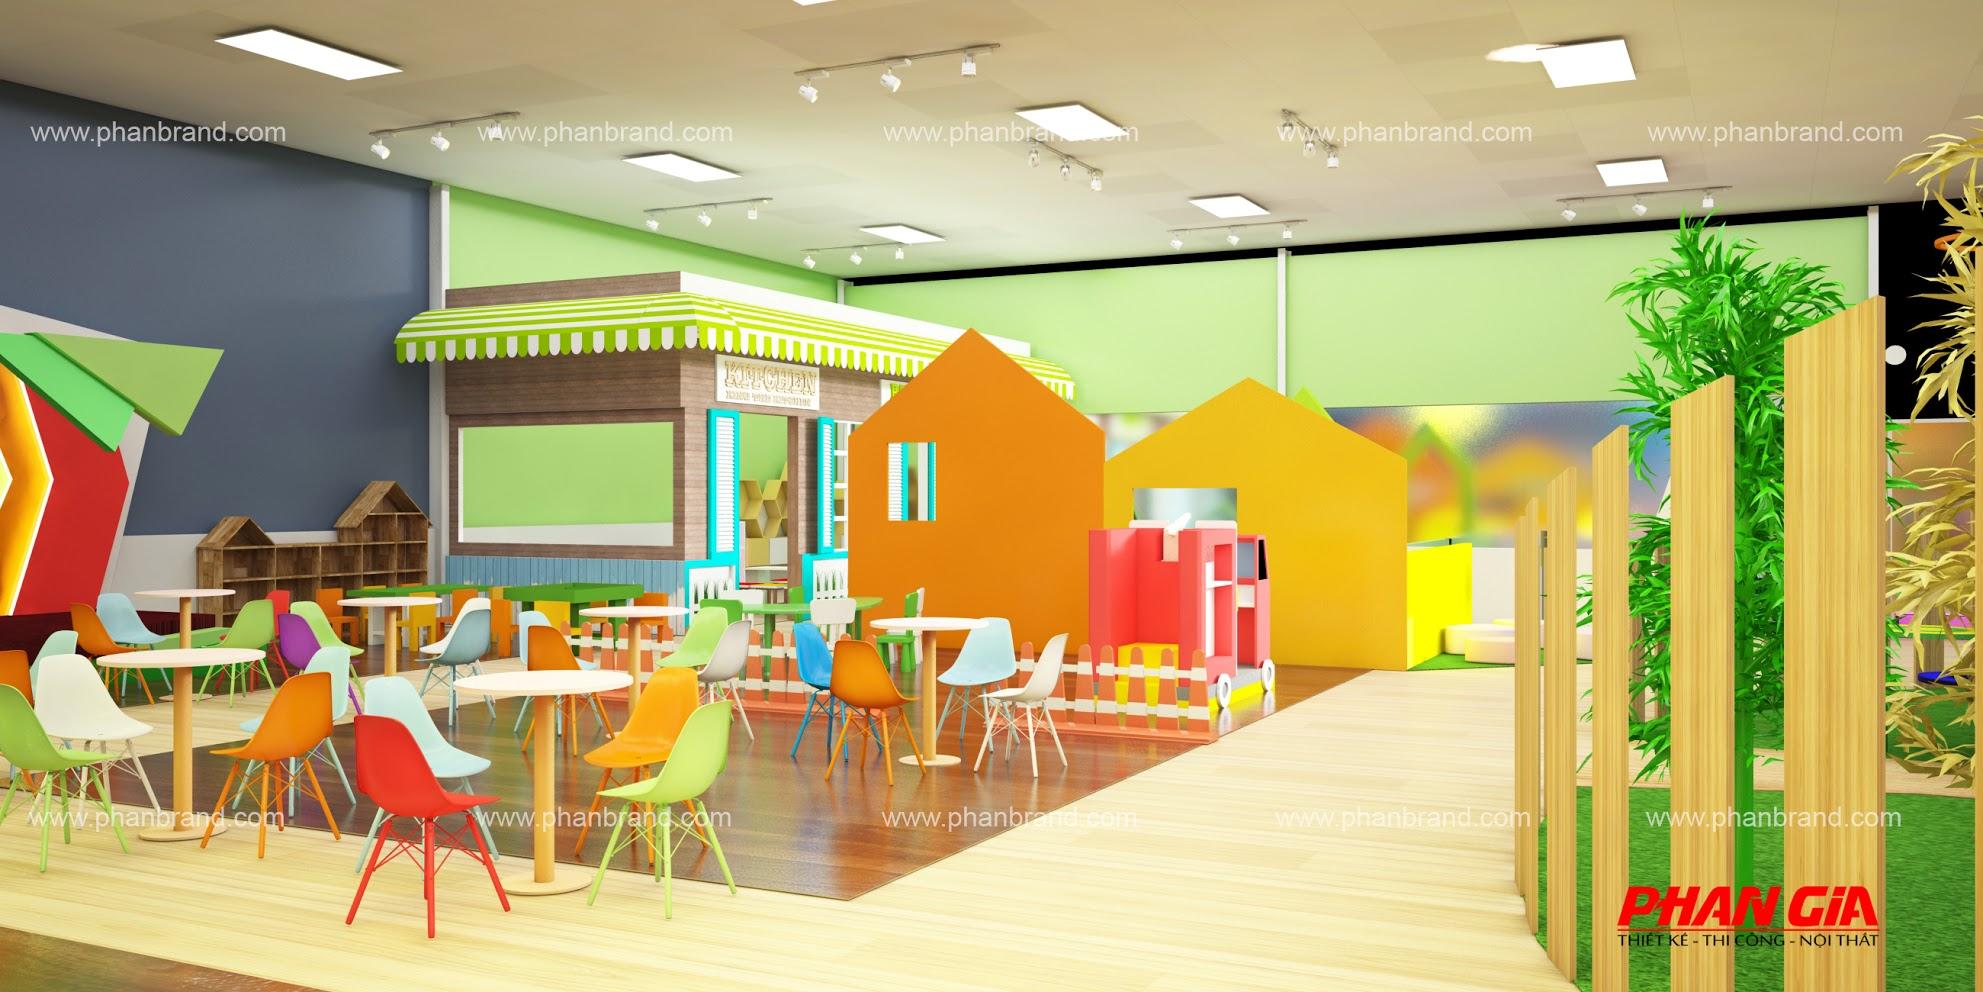 Mẫu thiết kế khu vui chơi trẻ em VikiTown Củ chi hình 2